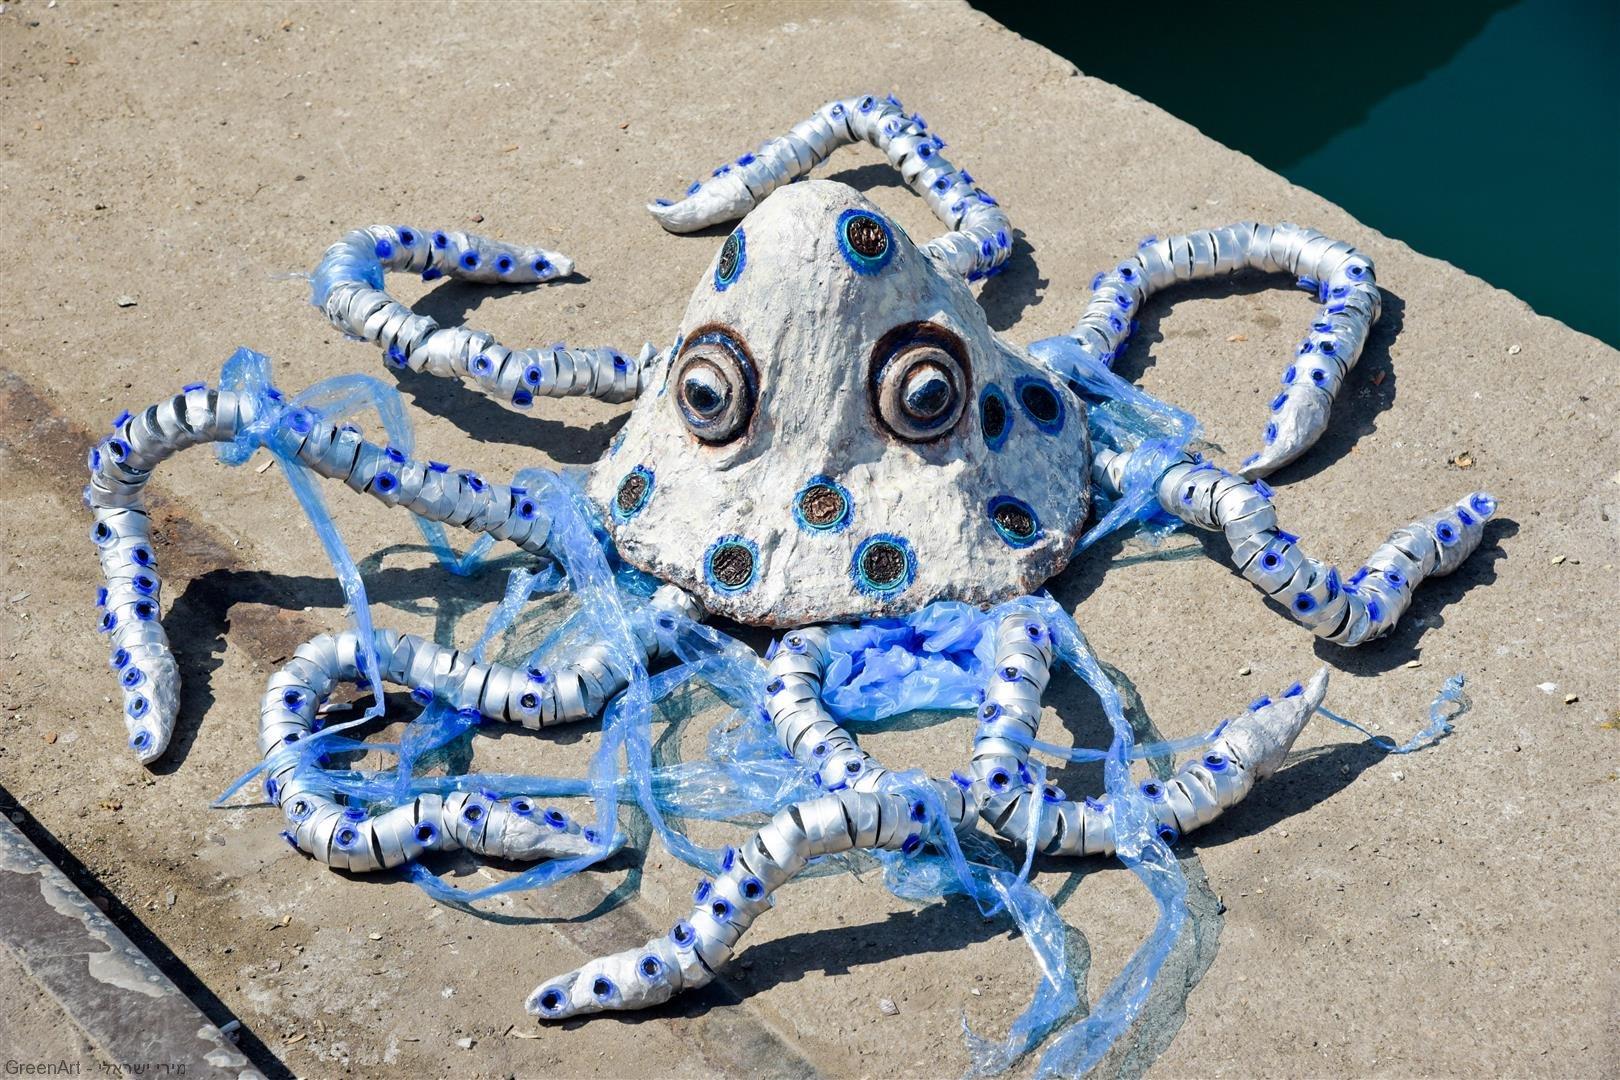 תמנון הטבעות הכחולות- פיסול אמנות אקולוגית למען היצורים הימיים הנפגעים משקיות הניילון שבאוקיינוסים